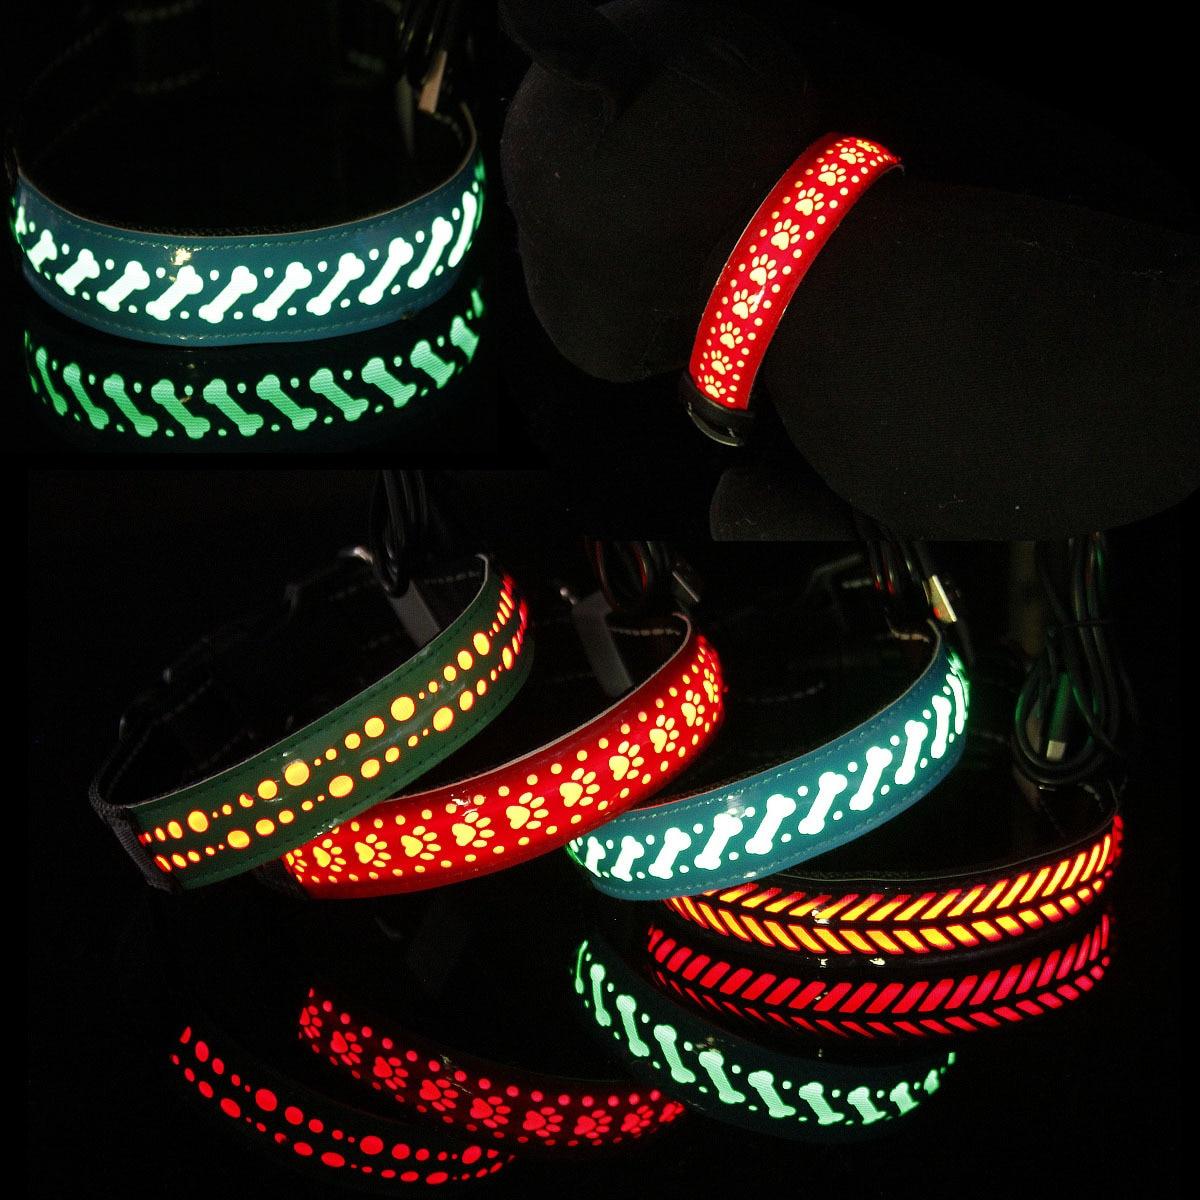 LED Shining Pet Dog Collar Varved Hide Substance Different Floral 4 PCs Color A Generation